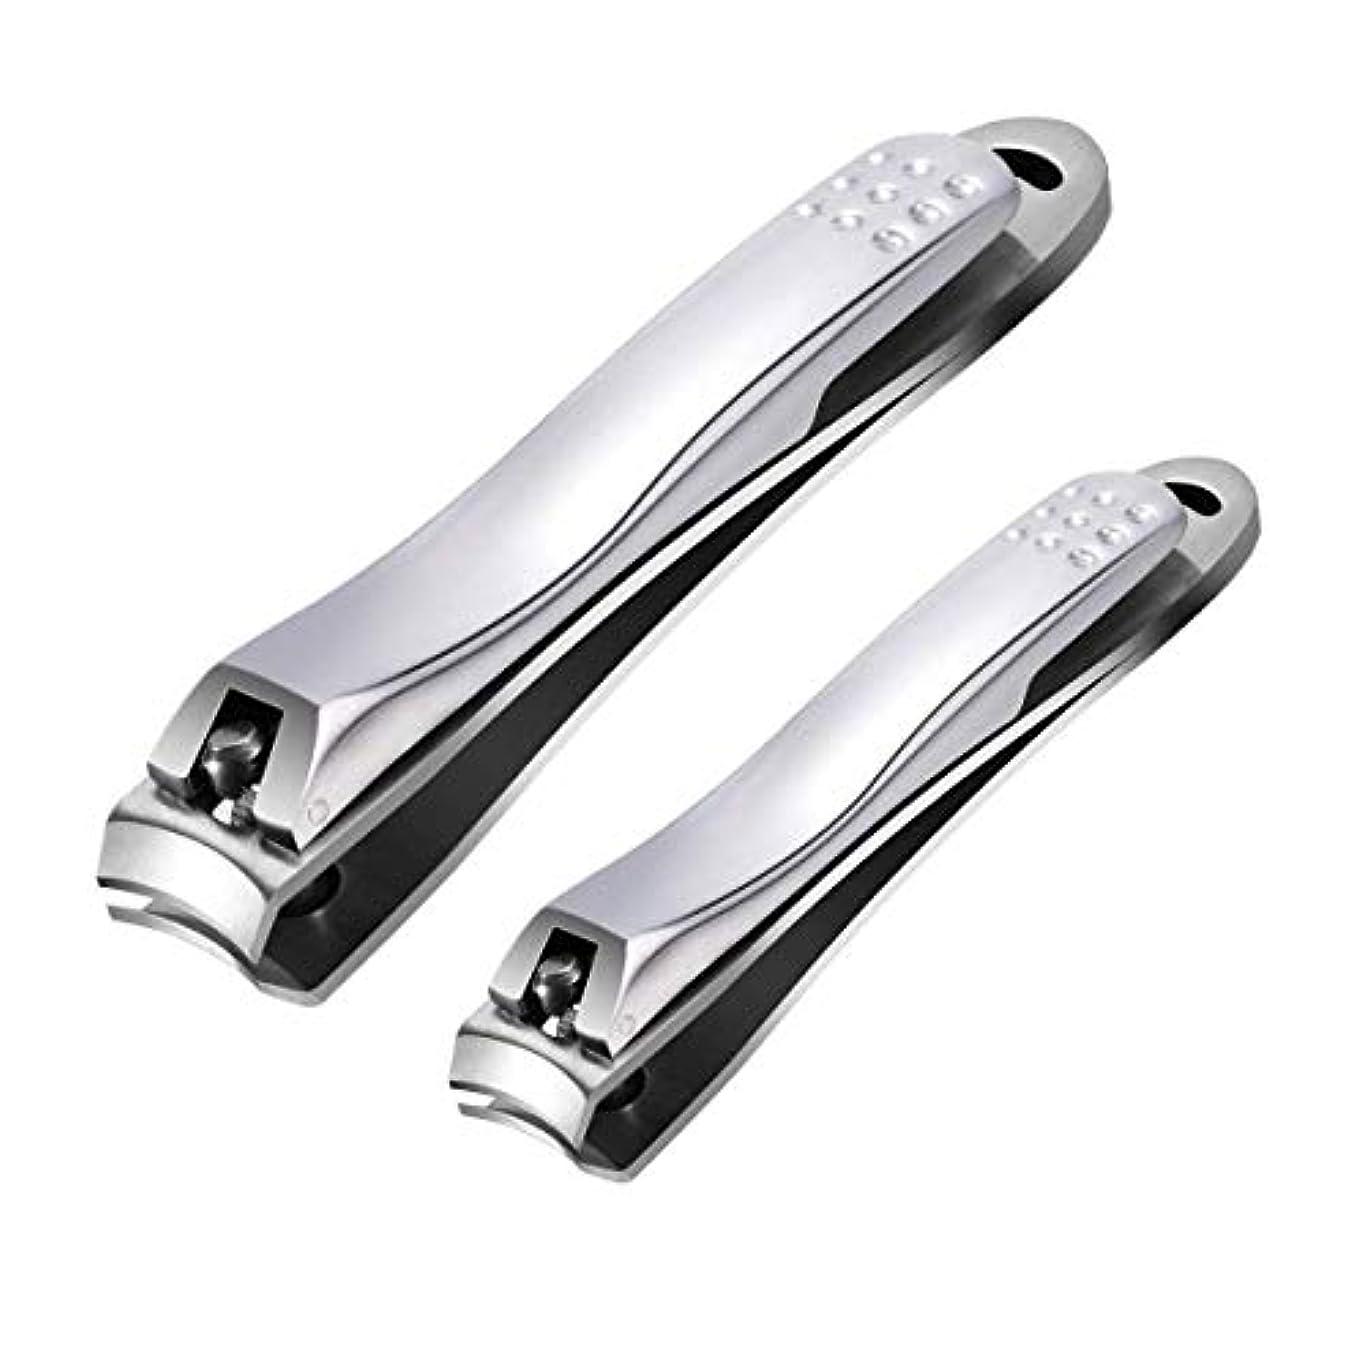 家主オプションペックつめきり ステンレス製高級 爪切り 爪やすり付き 手足はがね ツメキリ 握りやすい スパット切れる レザーケース付き付属 (2サイズ)